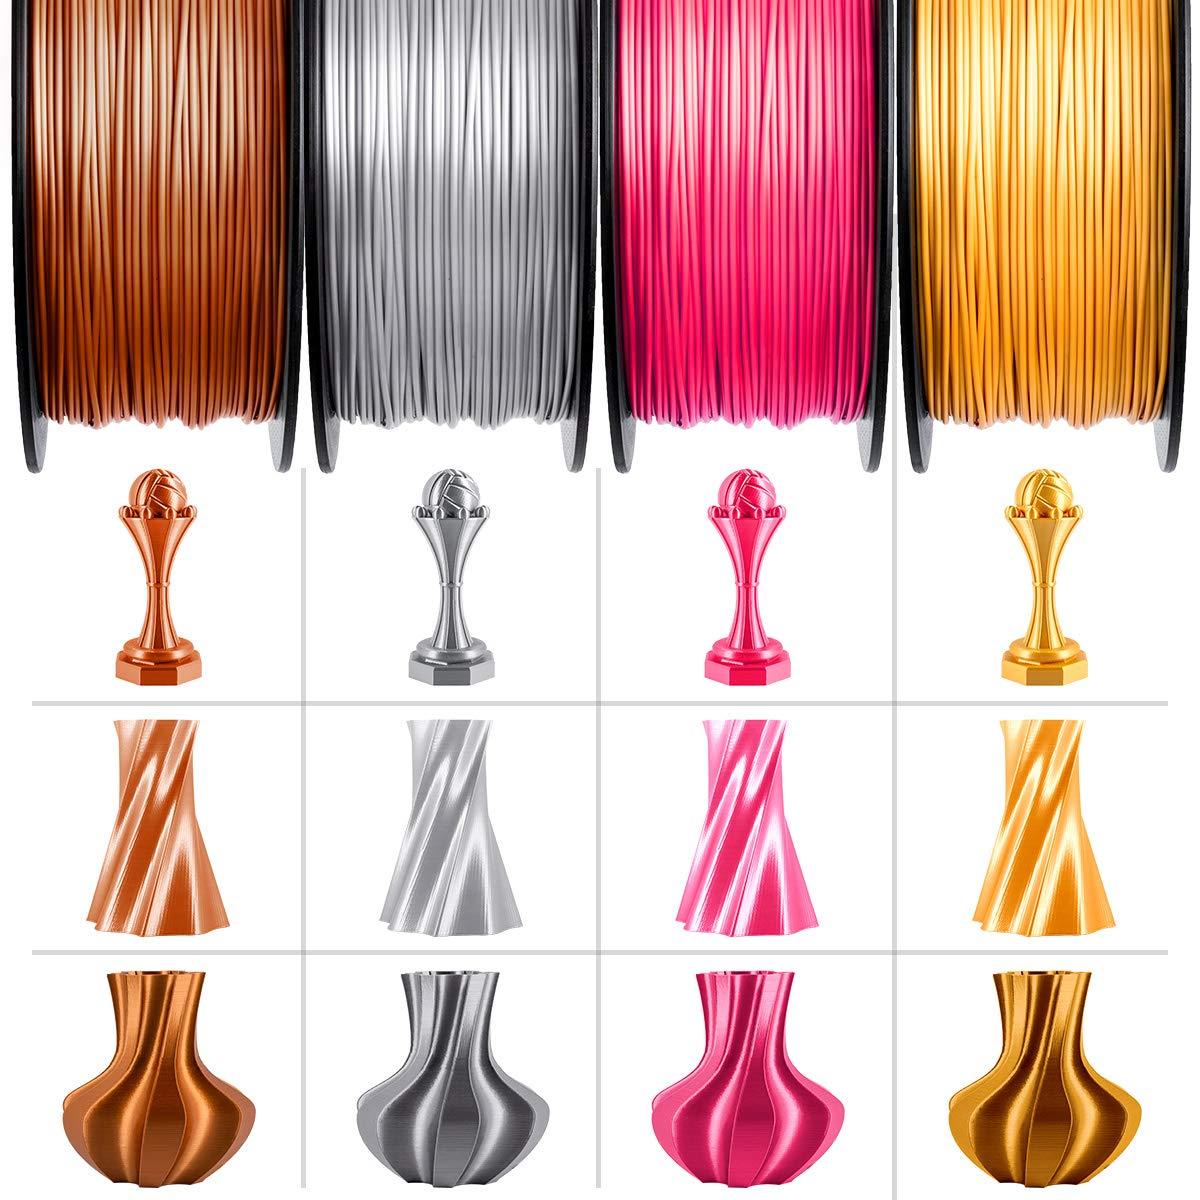 GIANTARM Filamento PLA 1.75mm Silk Dorado Impresora 3D PLA Filamento 1 kg Carrete